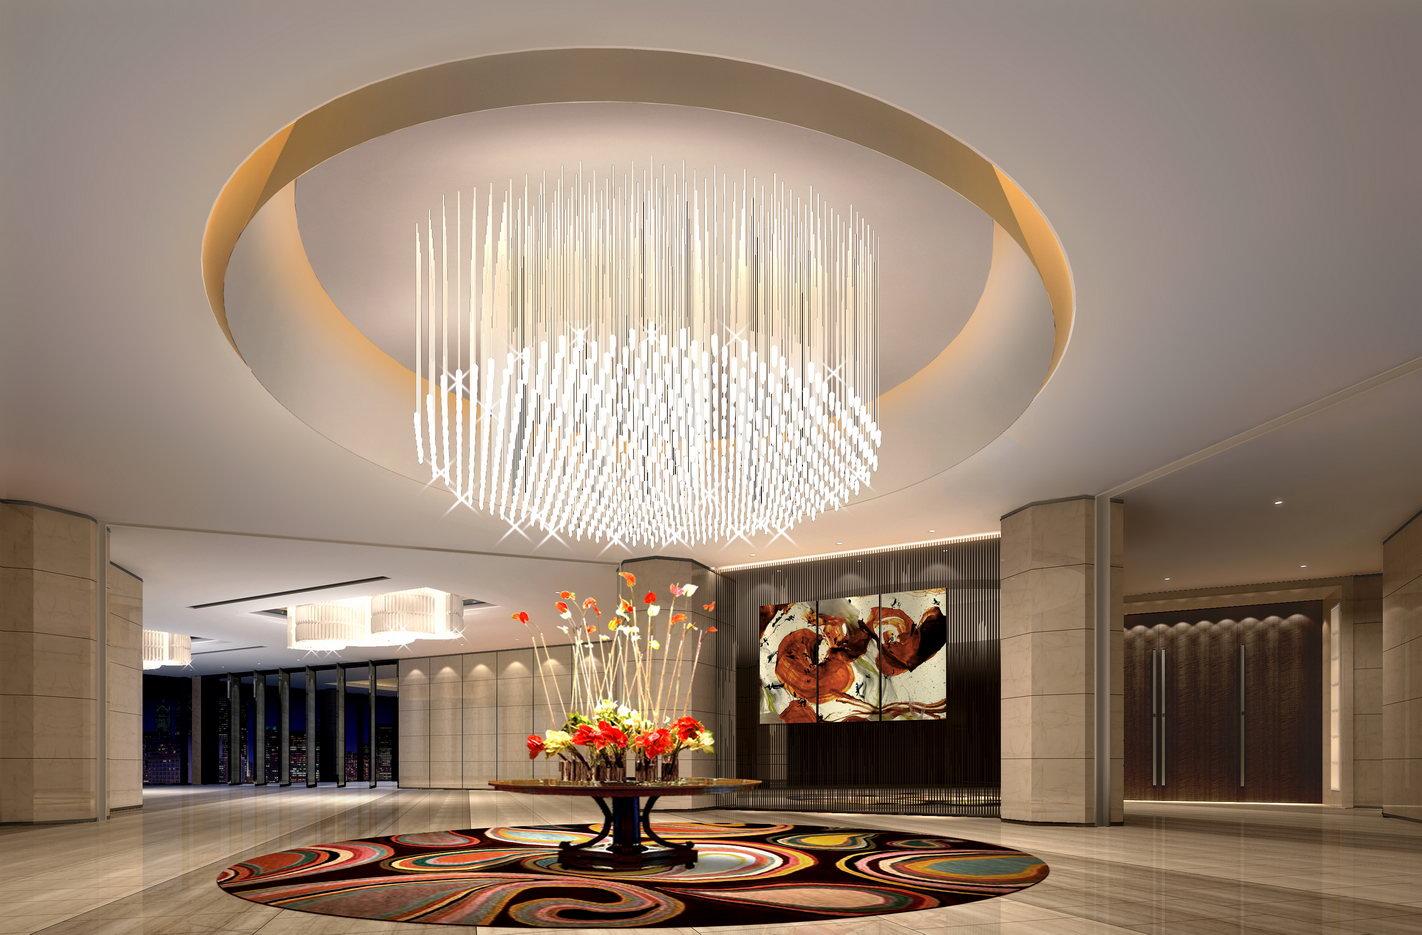 甘肃武威市锋达文化酒店--酒店综合智能化应用案例